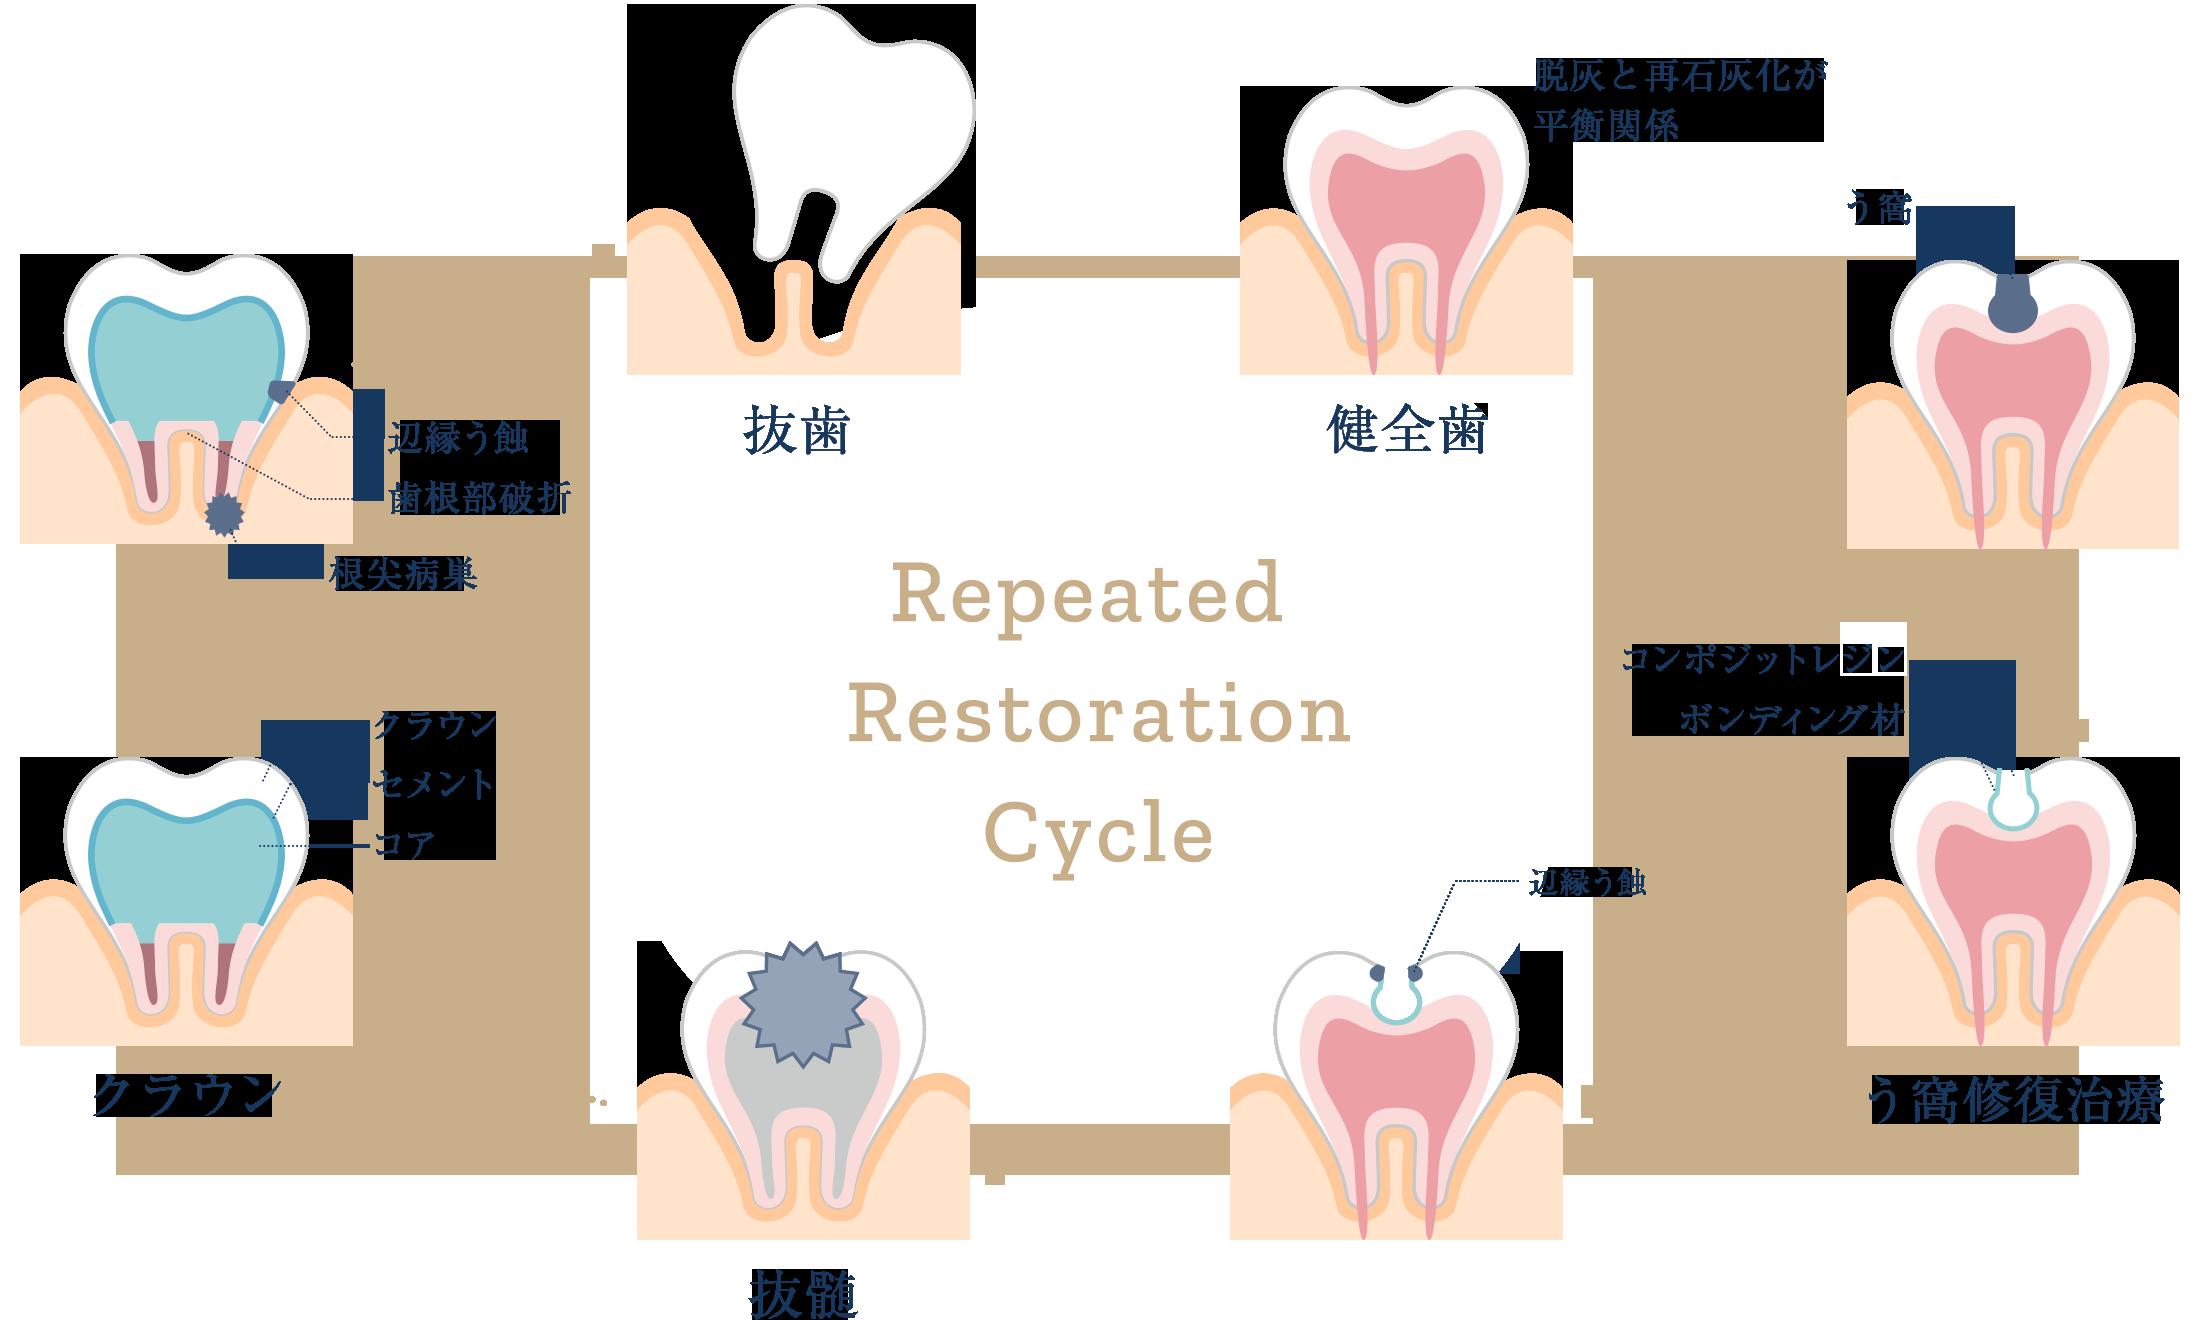 予防歯科の説明イラスト